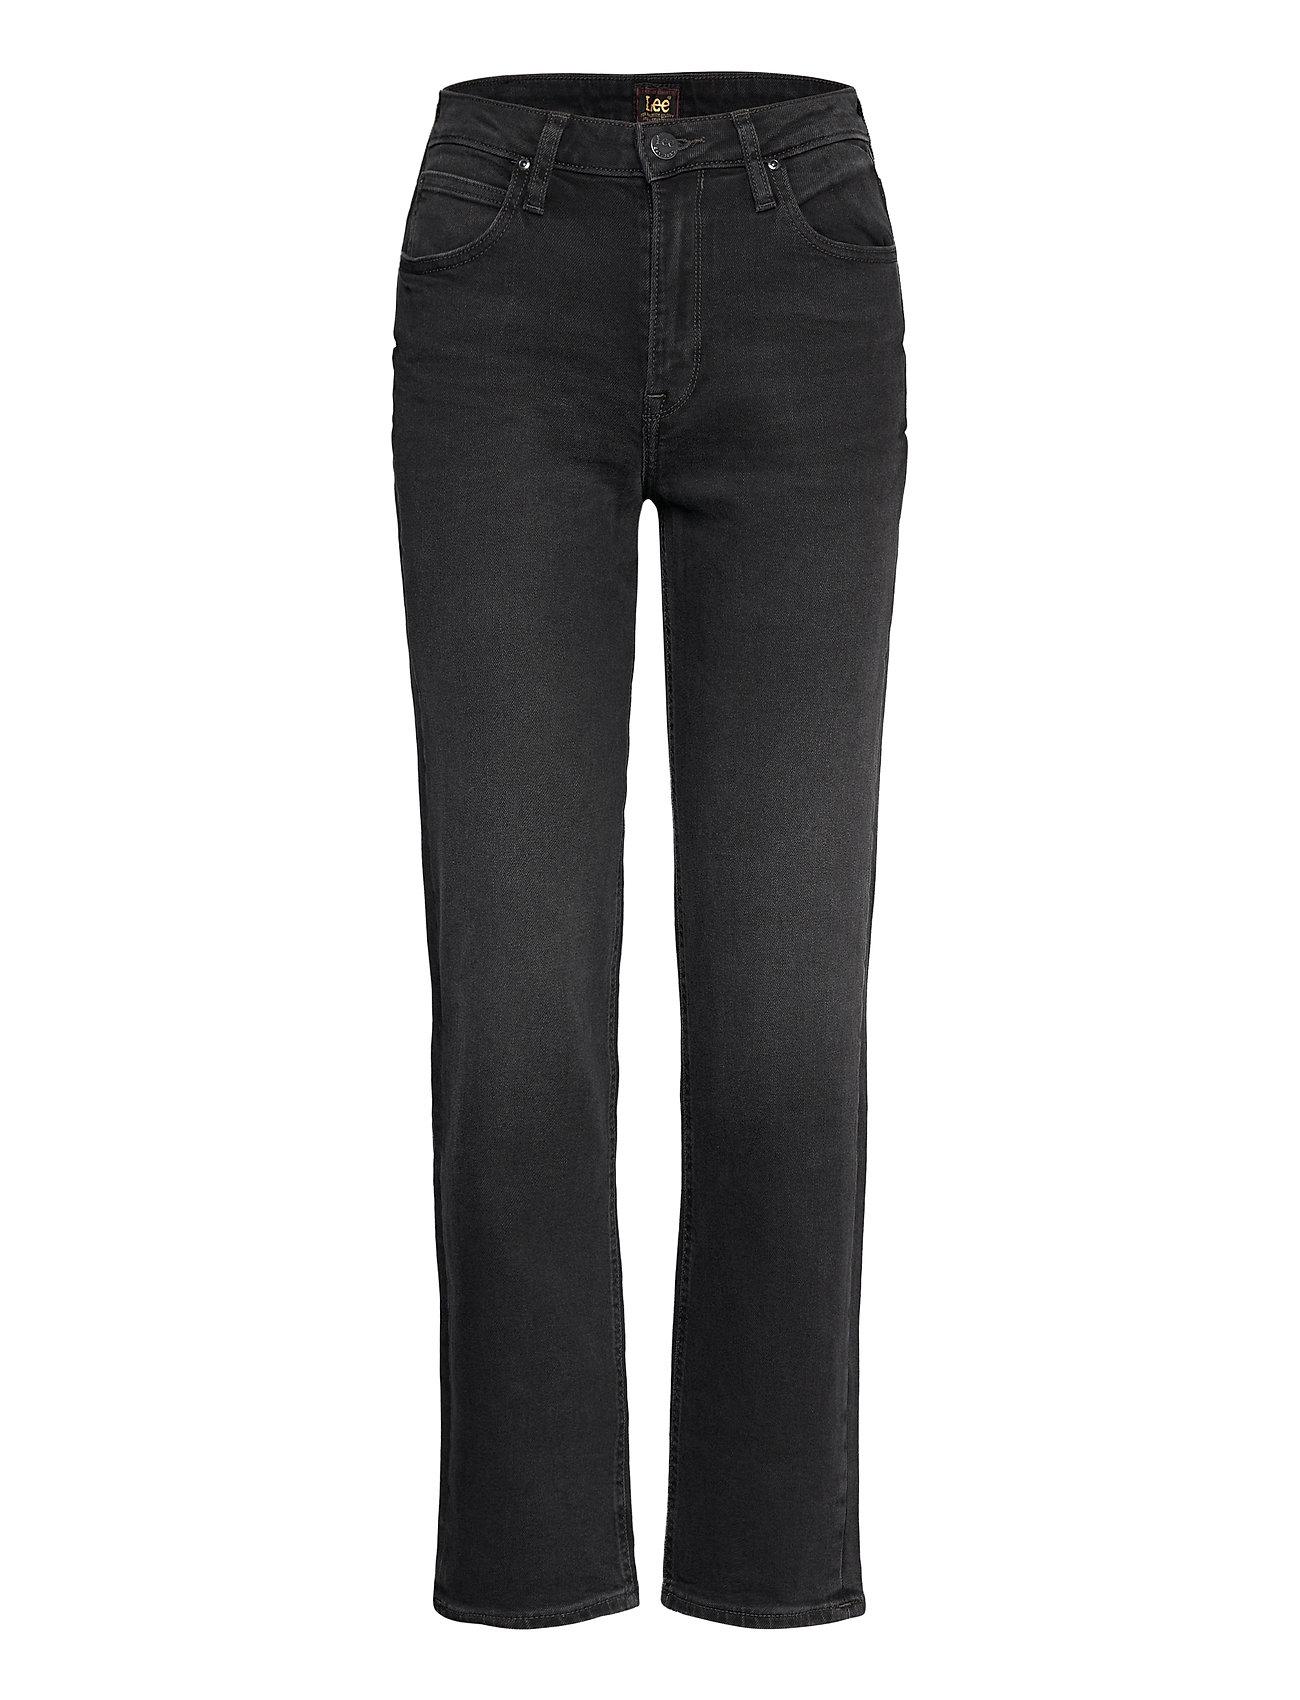 Image of Carol Lige Jeans Sort Lee Jeans (3462700337)